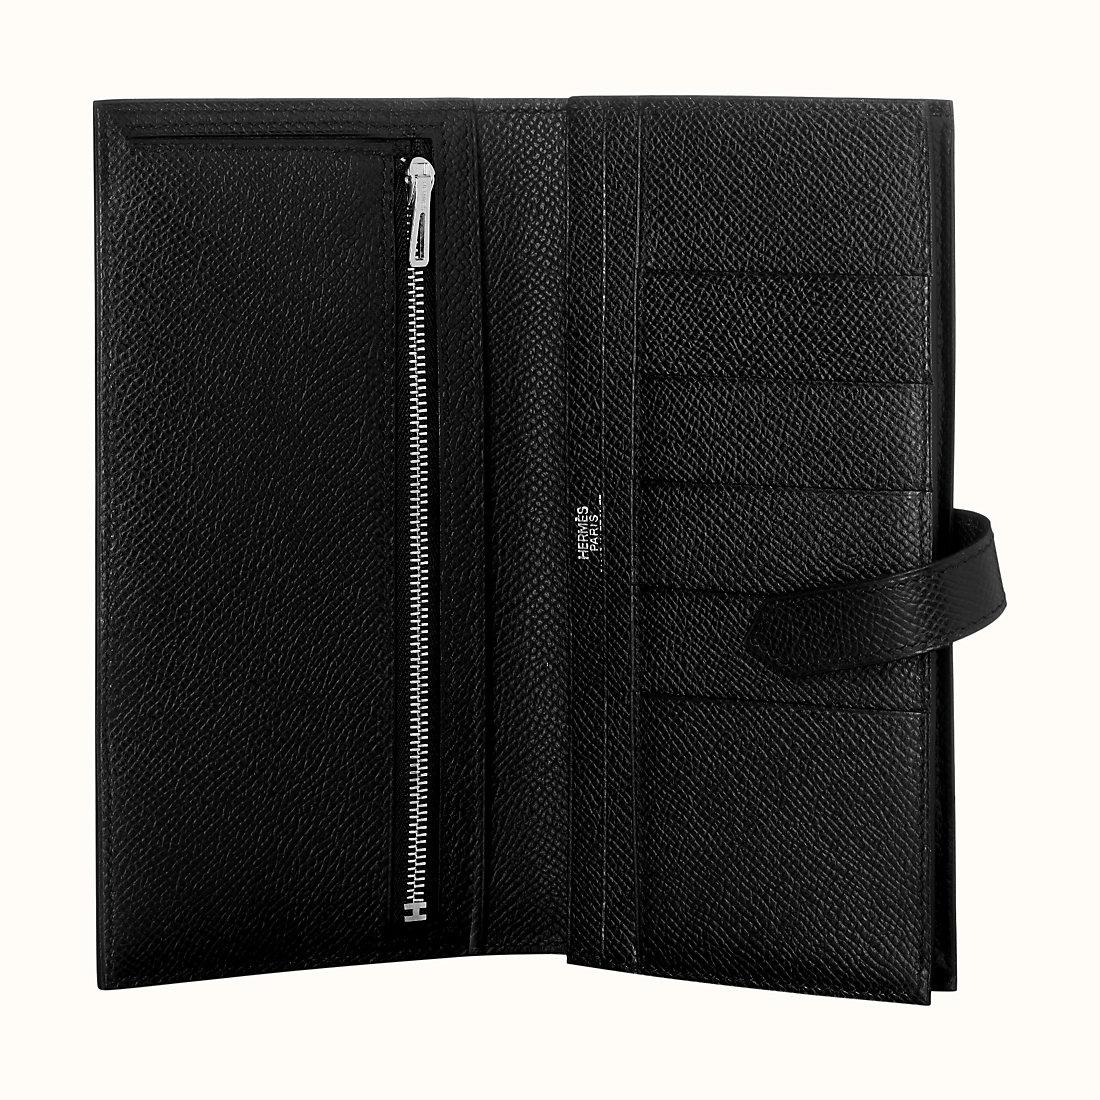 臺灣桃園縣愛馬仕錢包 Hermes Bearn wallet Epsom CK89 Noir